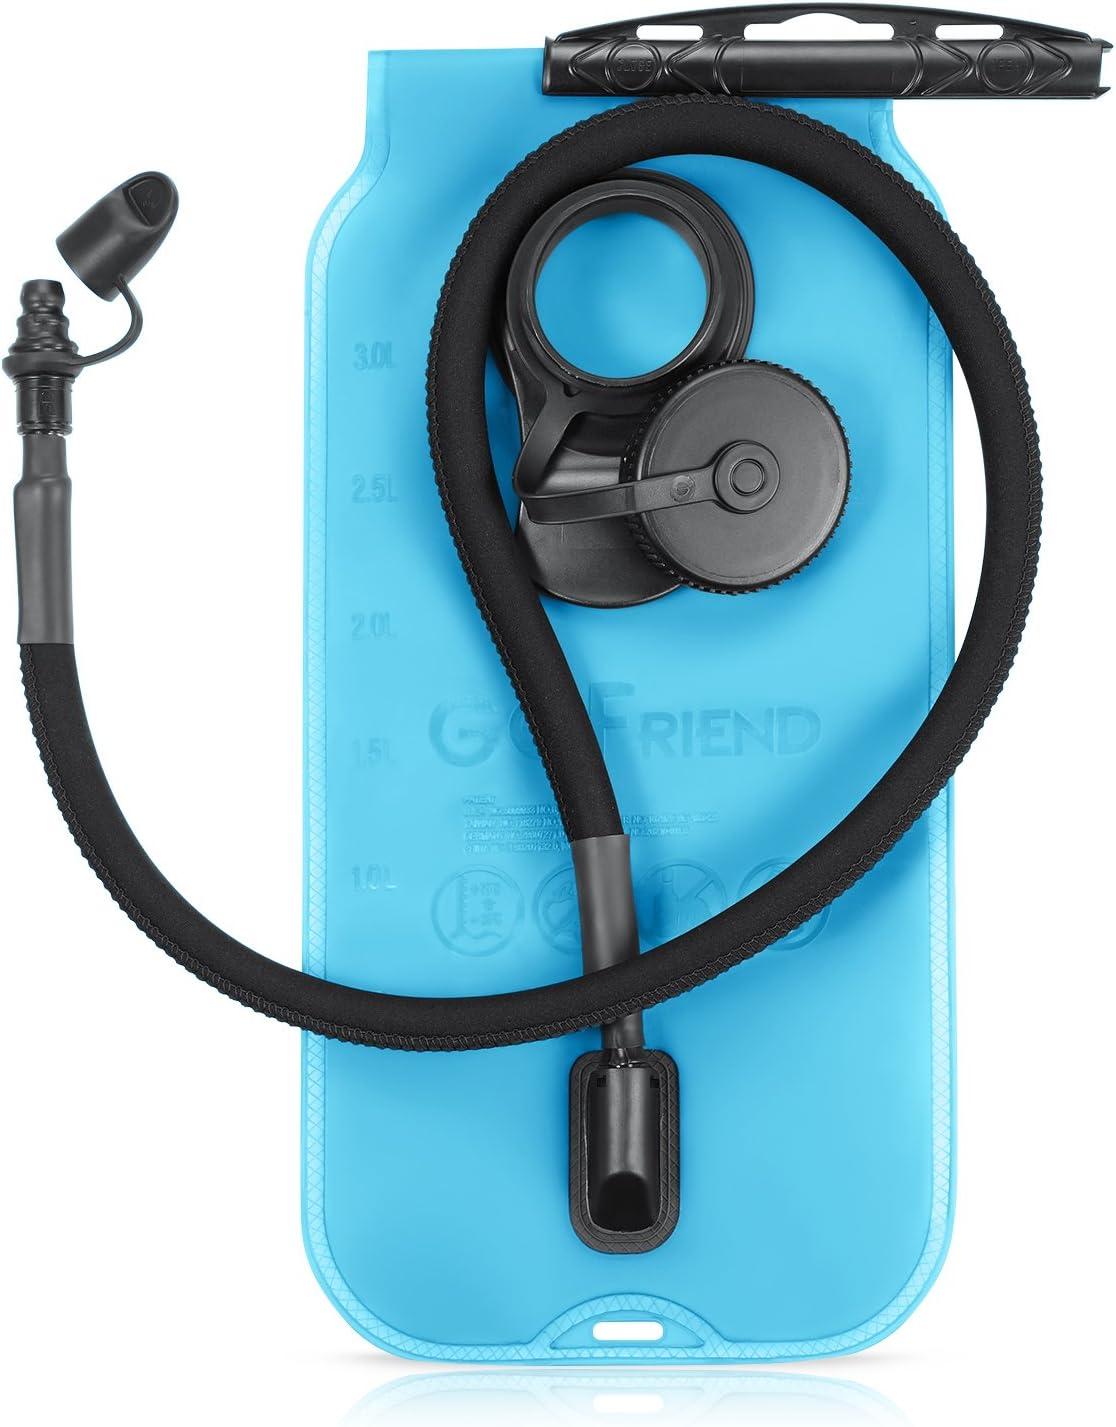 Trinkblase 3L 3 Liter Tragbare Wasserbeutel Wasserblase BPA-frei und FDA-Zertifizierung GoFriend/® Sport Wasser Blasen f/ür den Au/ßenbereich wie Wandern Camping Laufen Radfahren